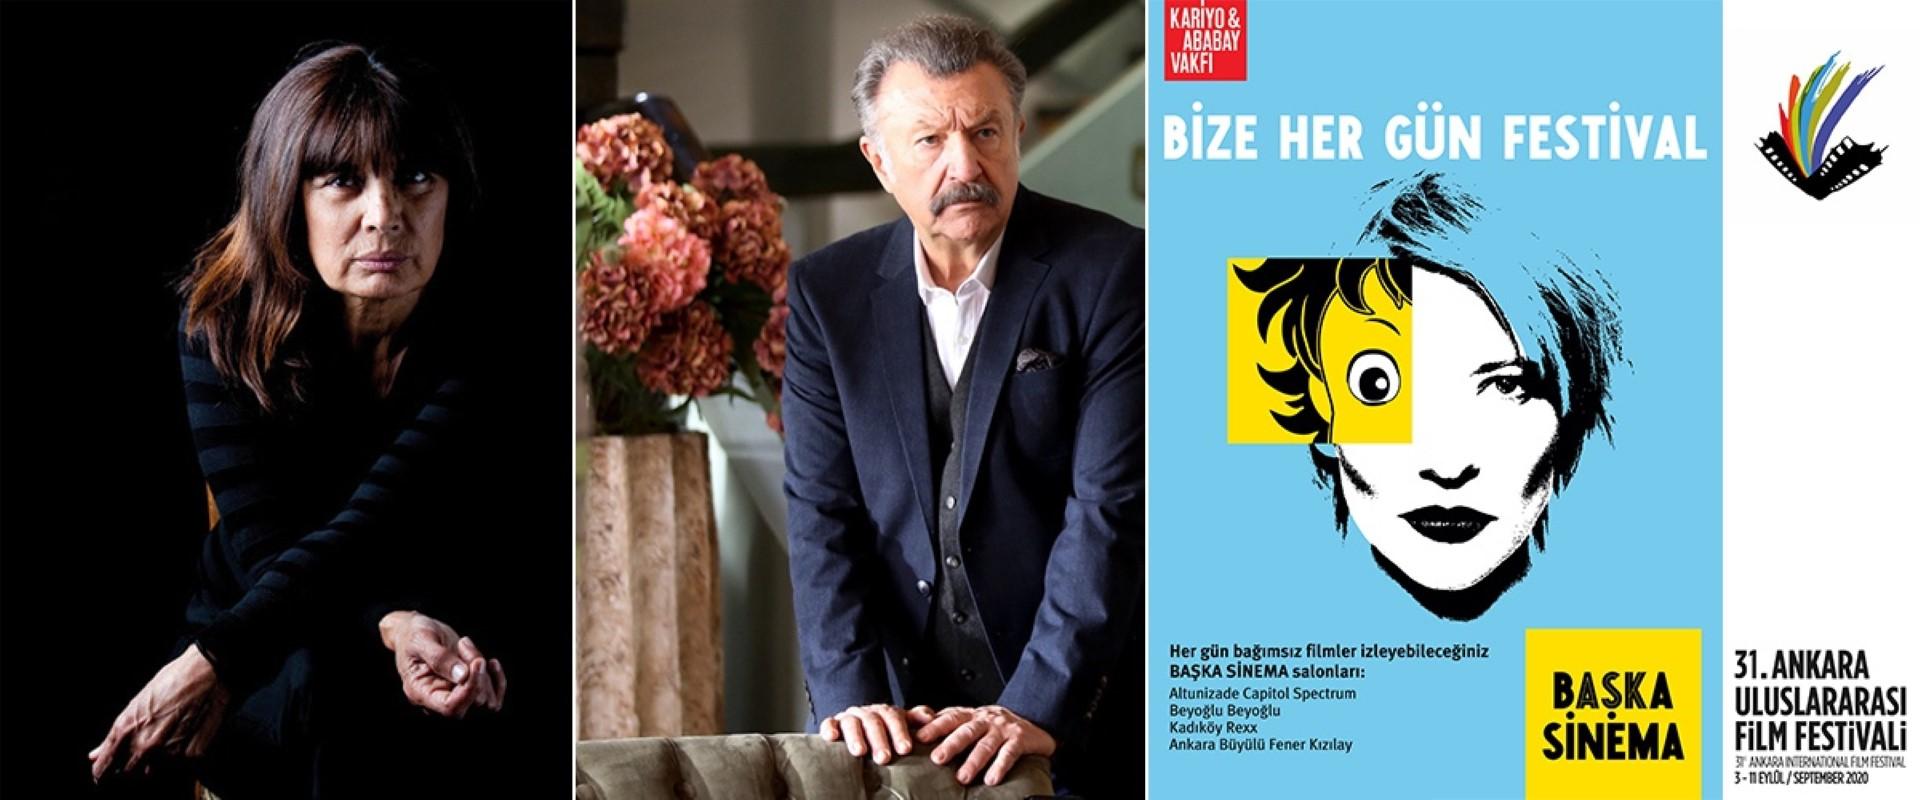 Ankara'nın ödülleri Şerif Sezer, Tamer Levent ve Başka Sinema'ya